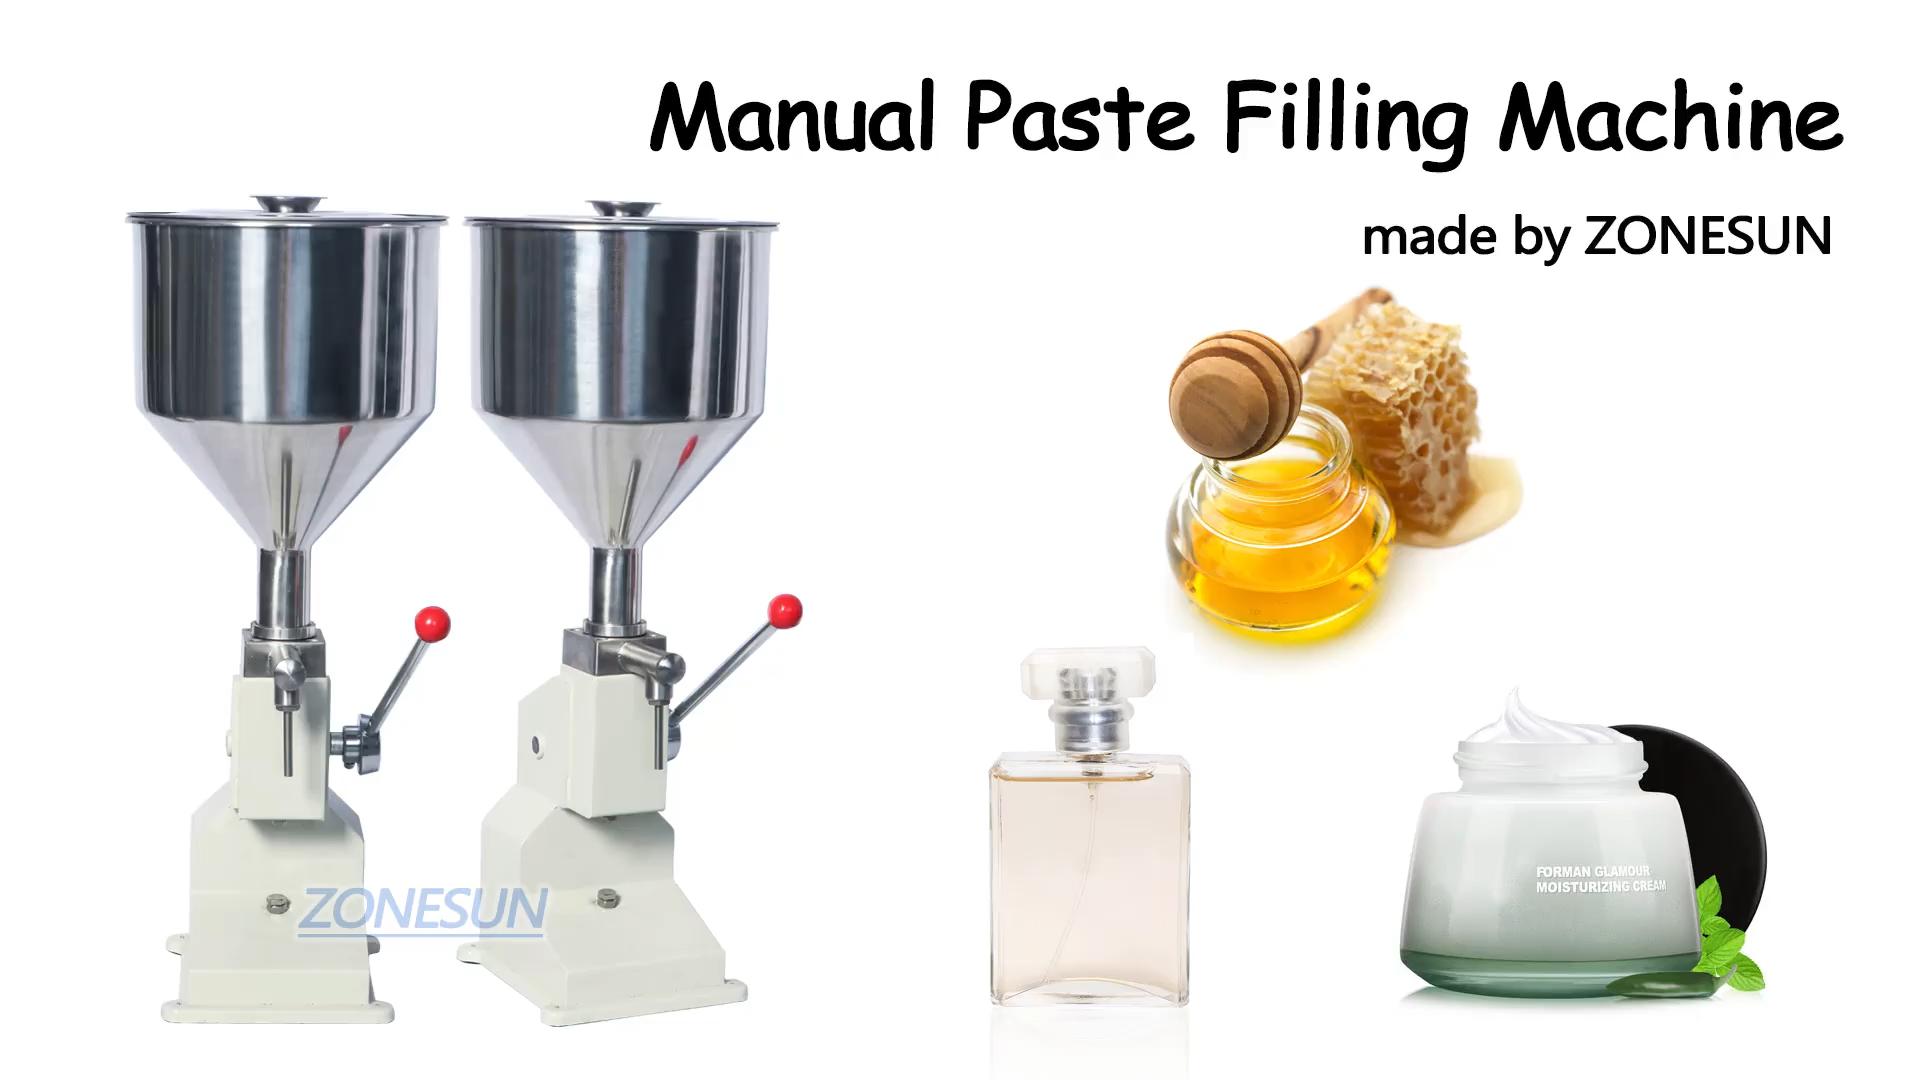 ZONESUN A03คู่มือการใช้งาน Paste น้ำผึ้ง Liquid Filling Machine ครีมขวด Filler ซอส Jam เล็บ5-50Ml อาหาร